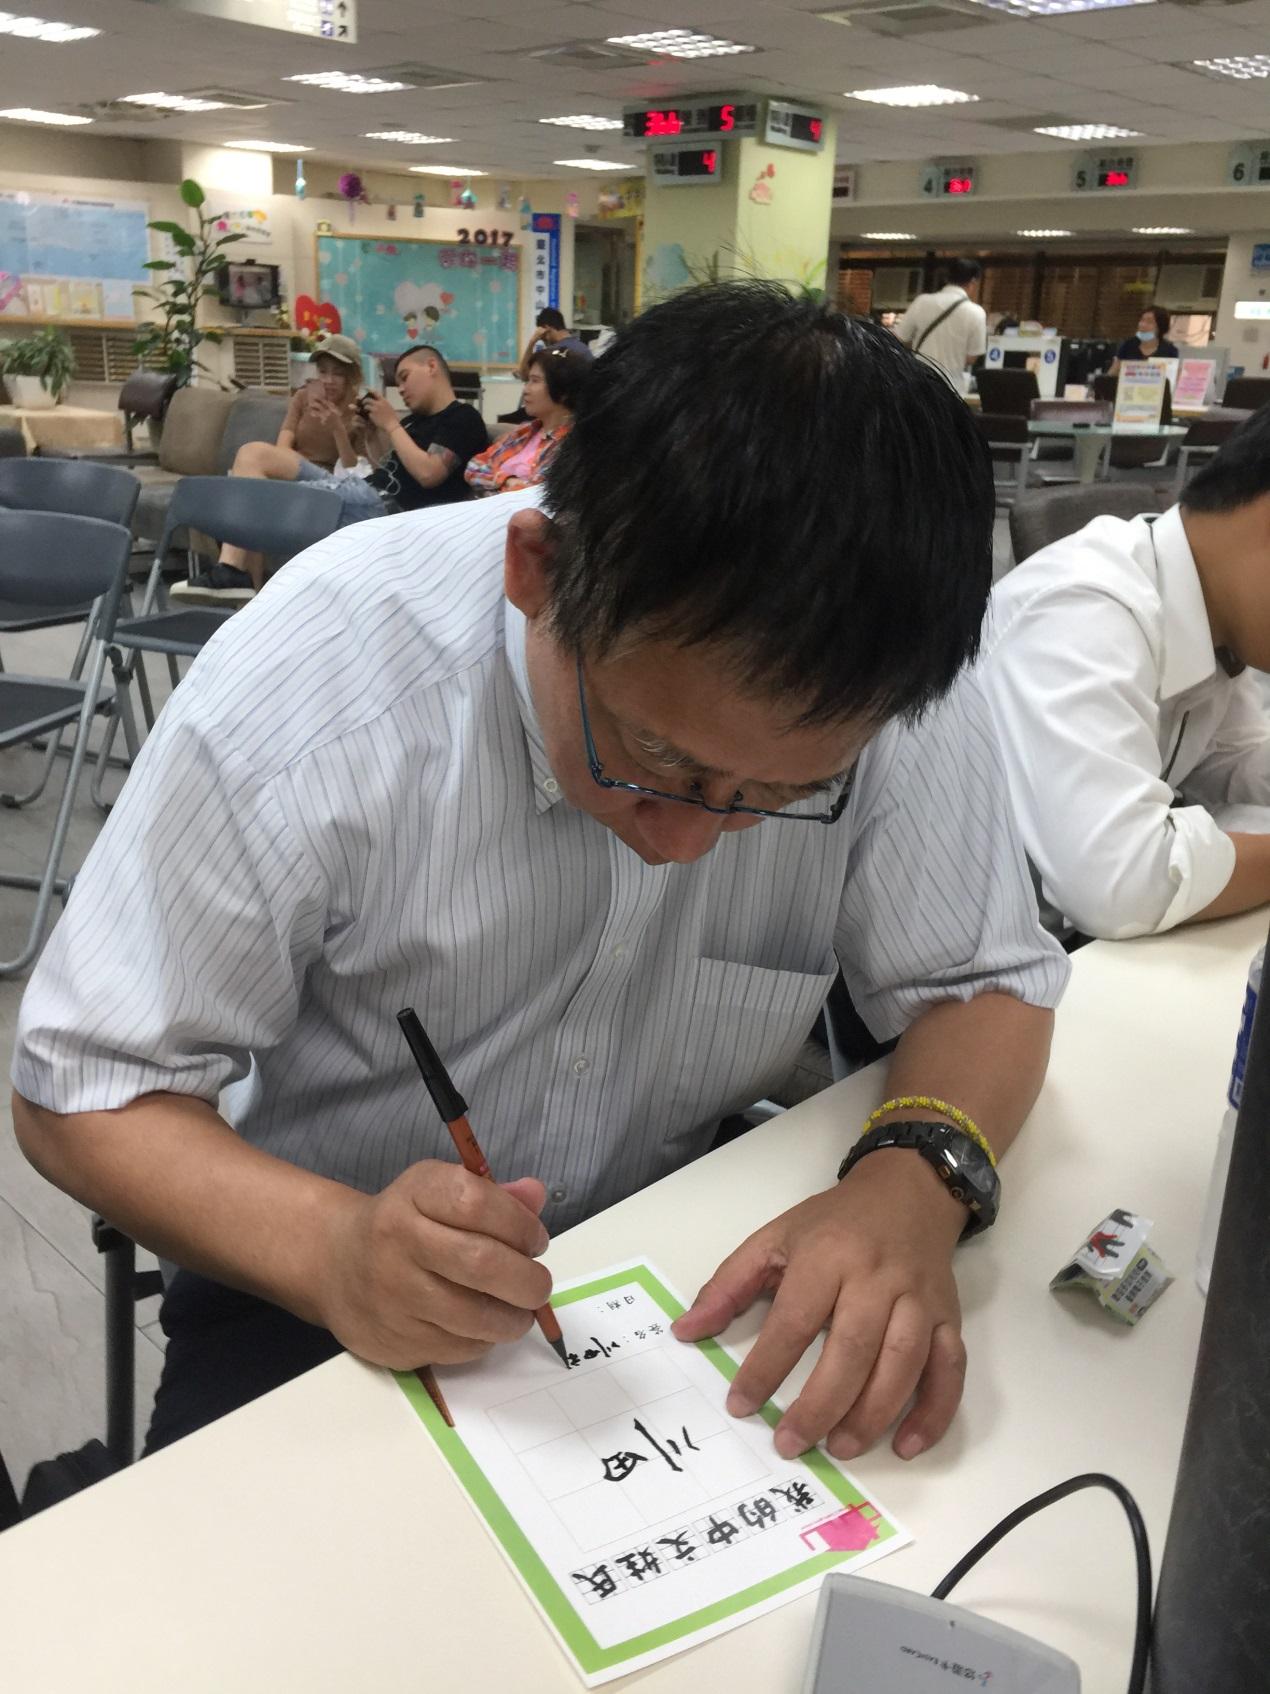 來自日本的川田裕寫毛筆字有模有樣、架式十足。